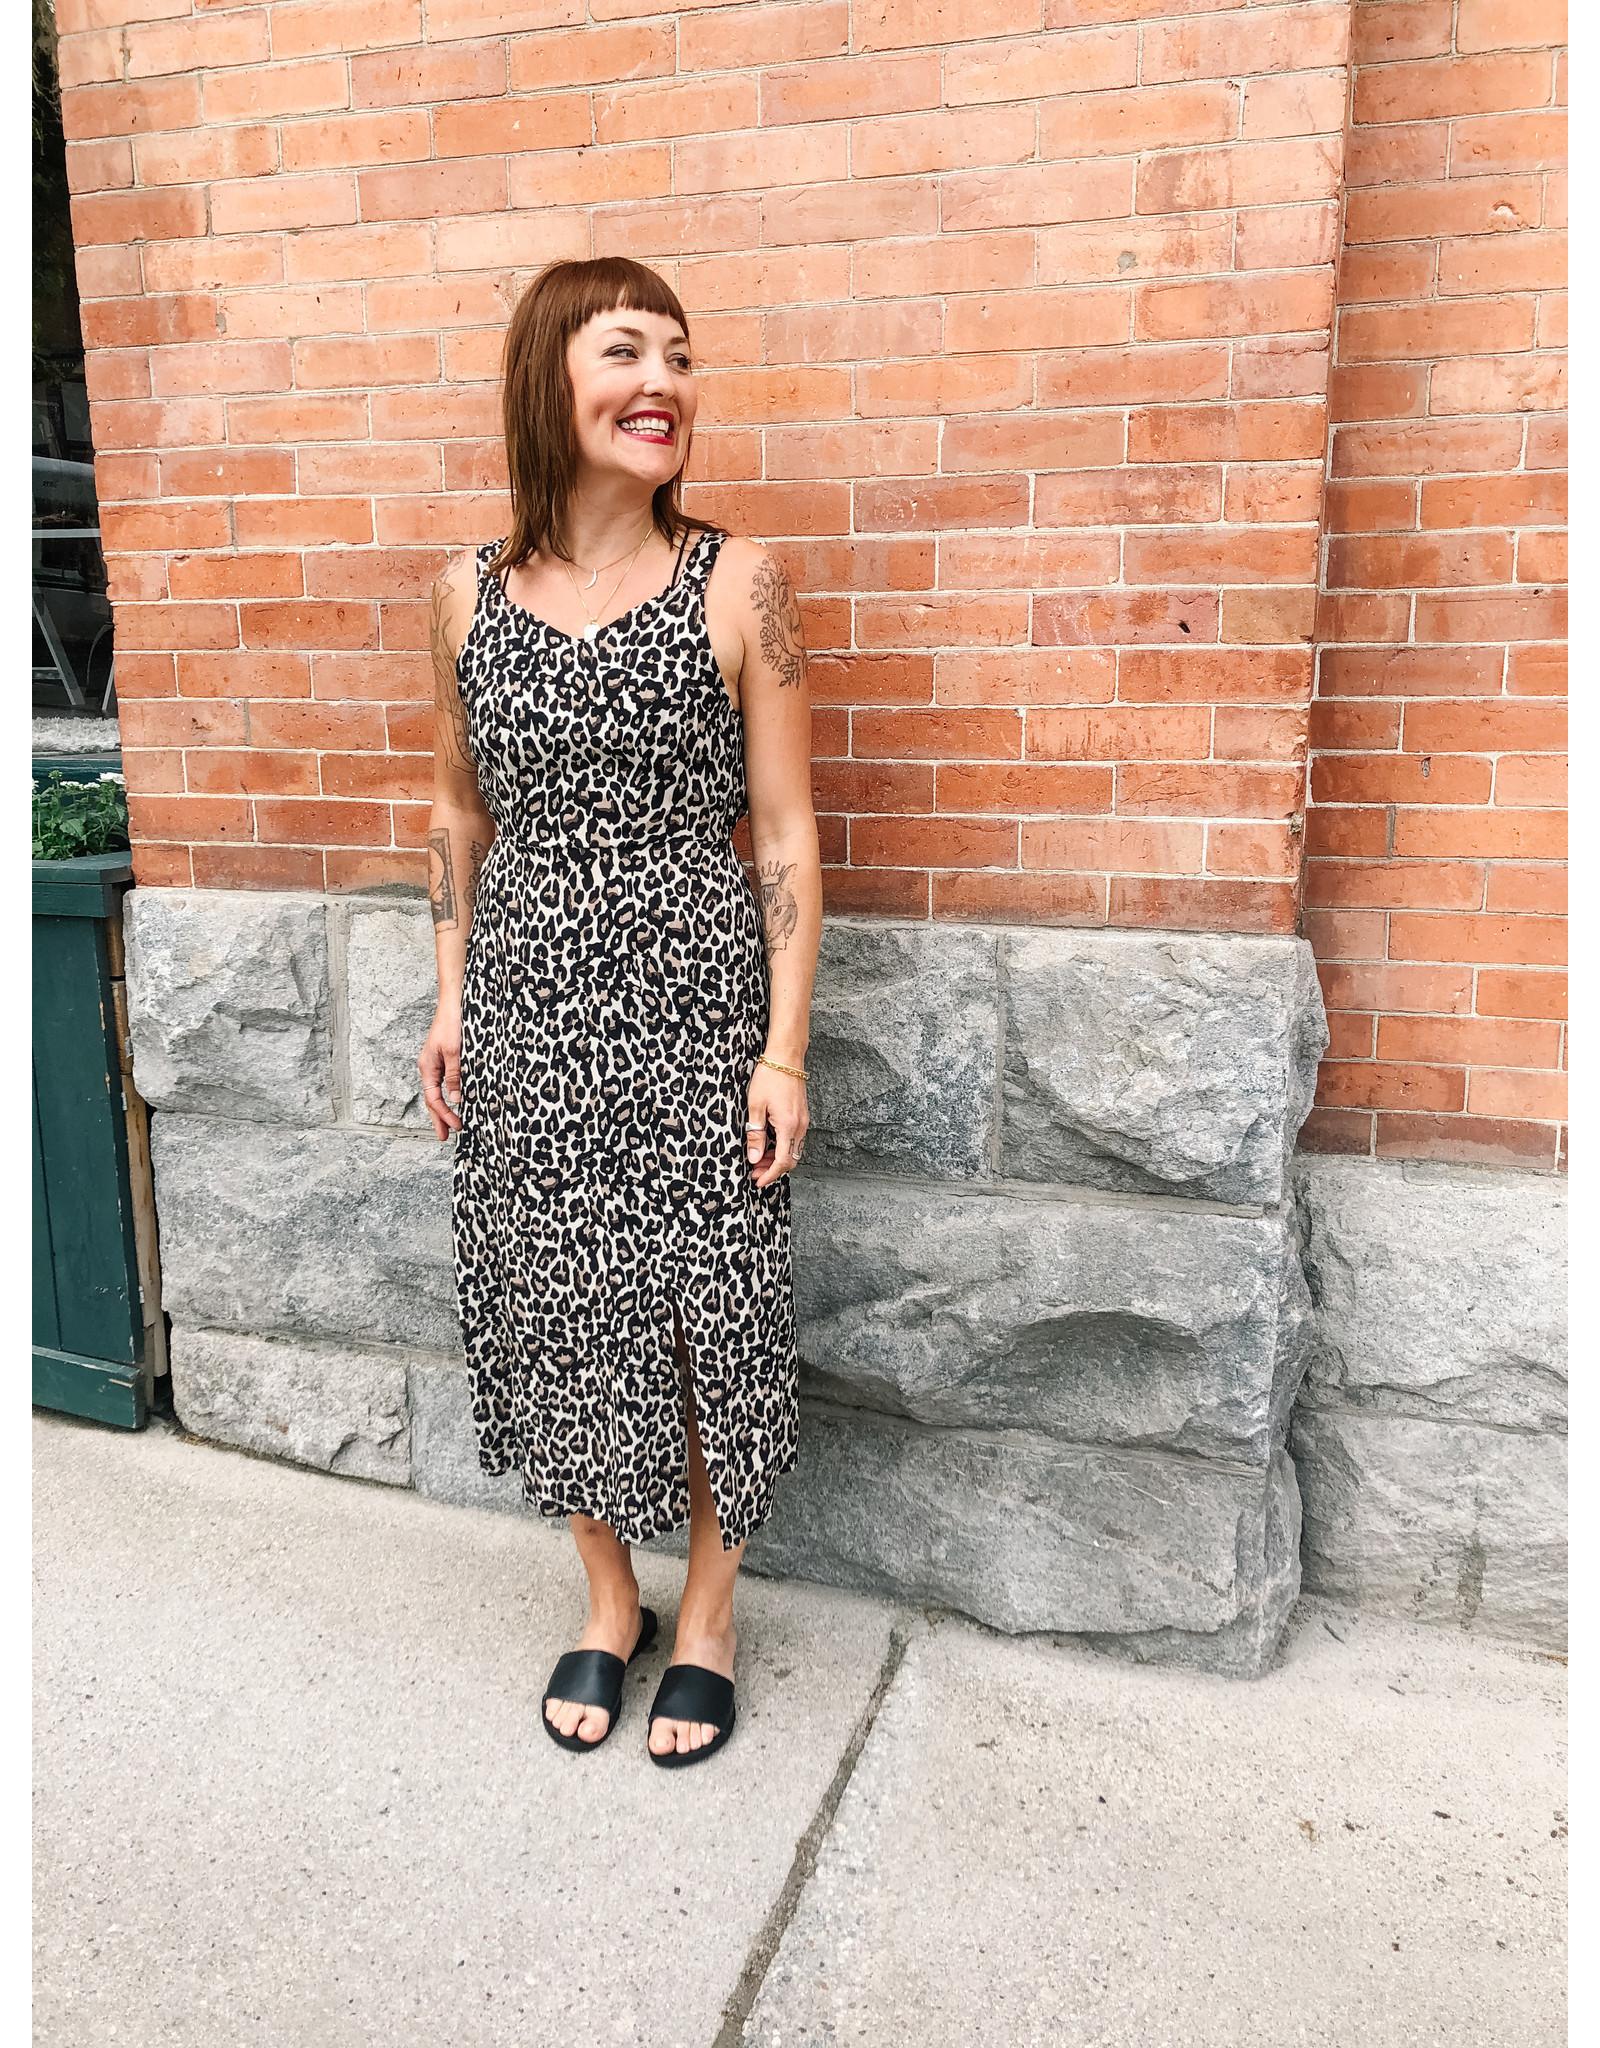 Vero Moda Dress Simply Easy Vero Moda